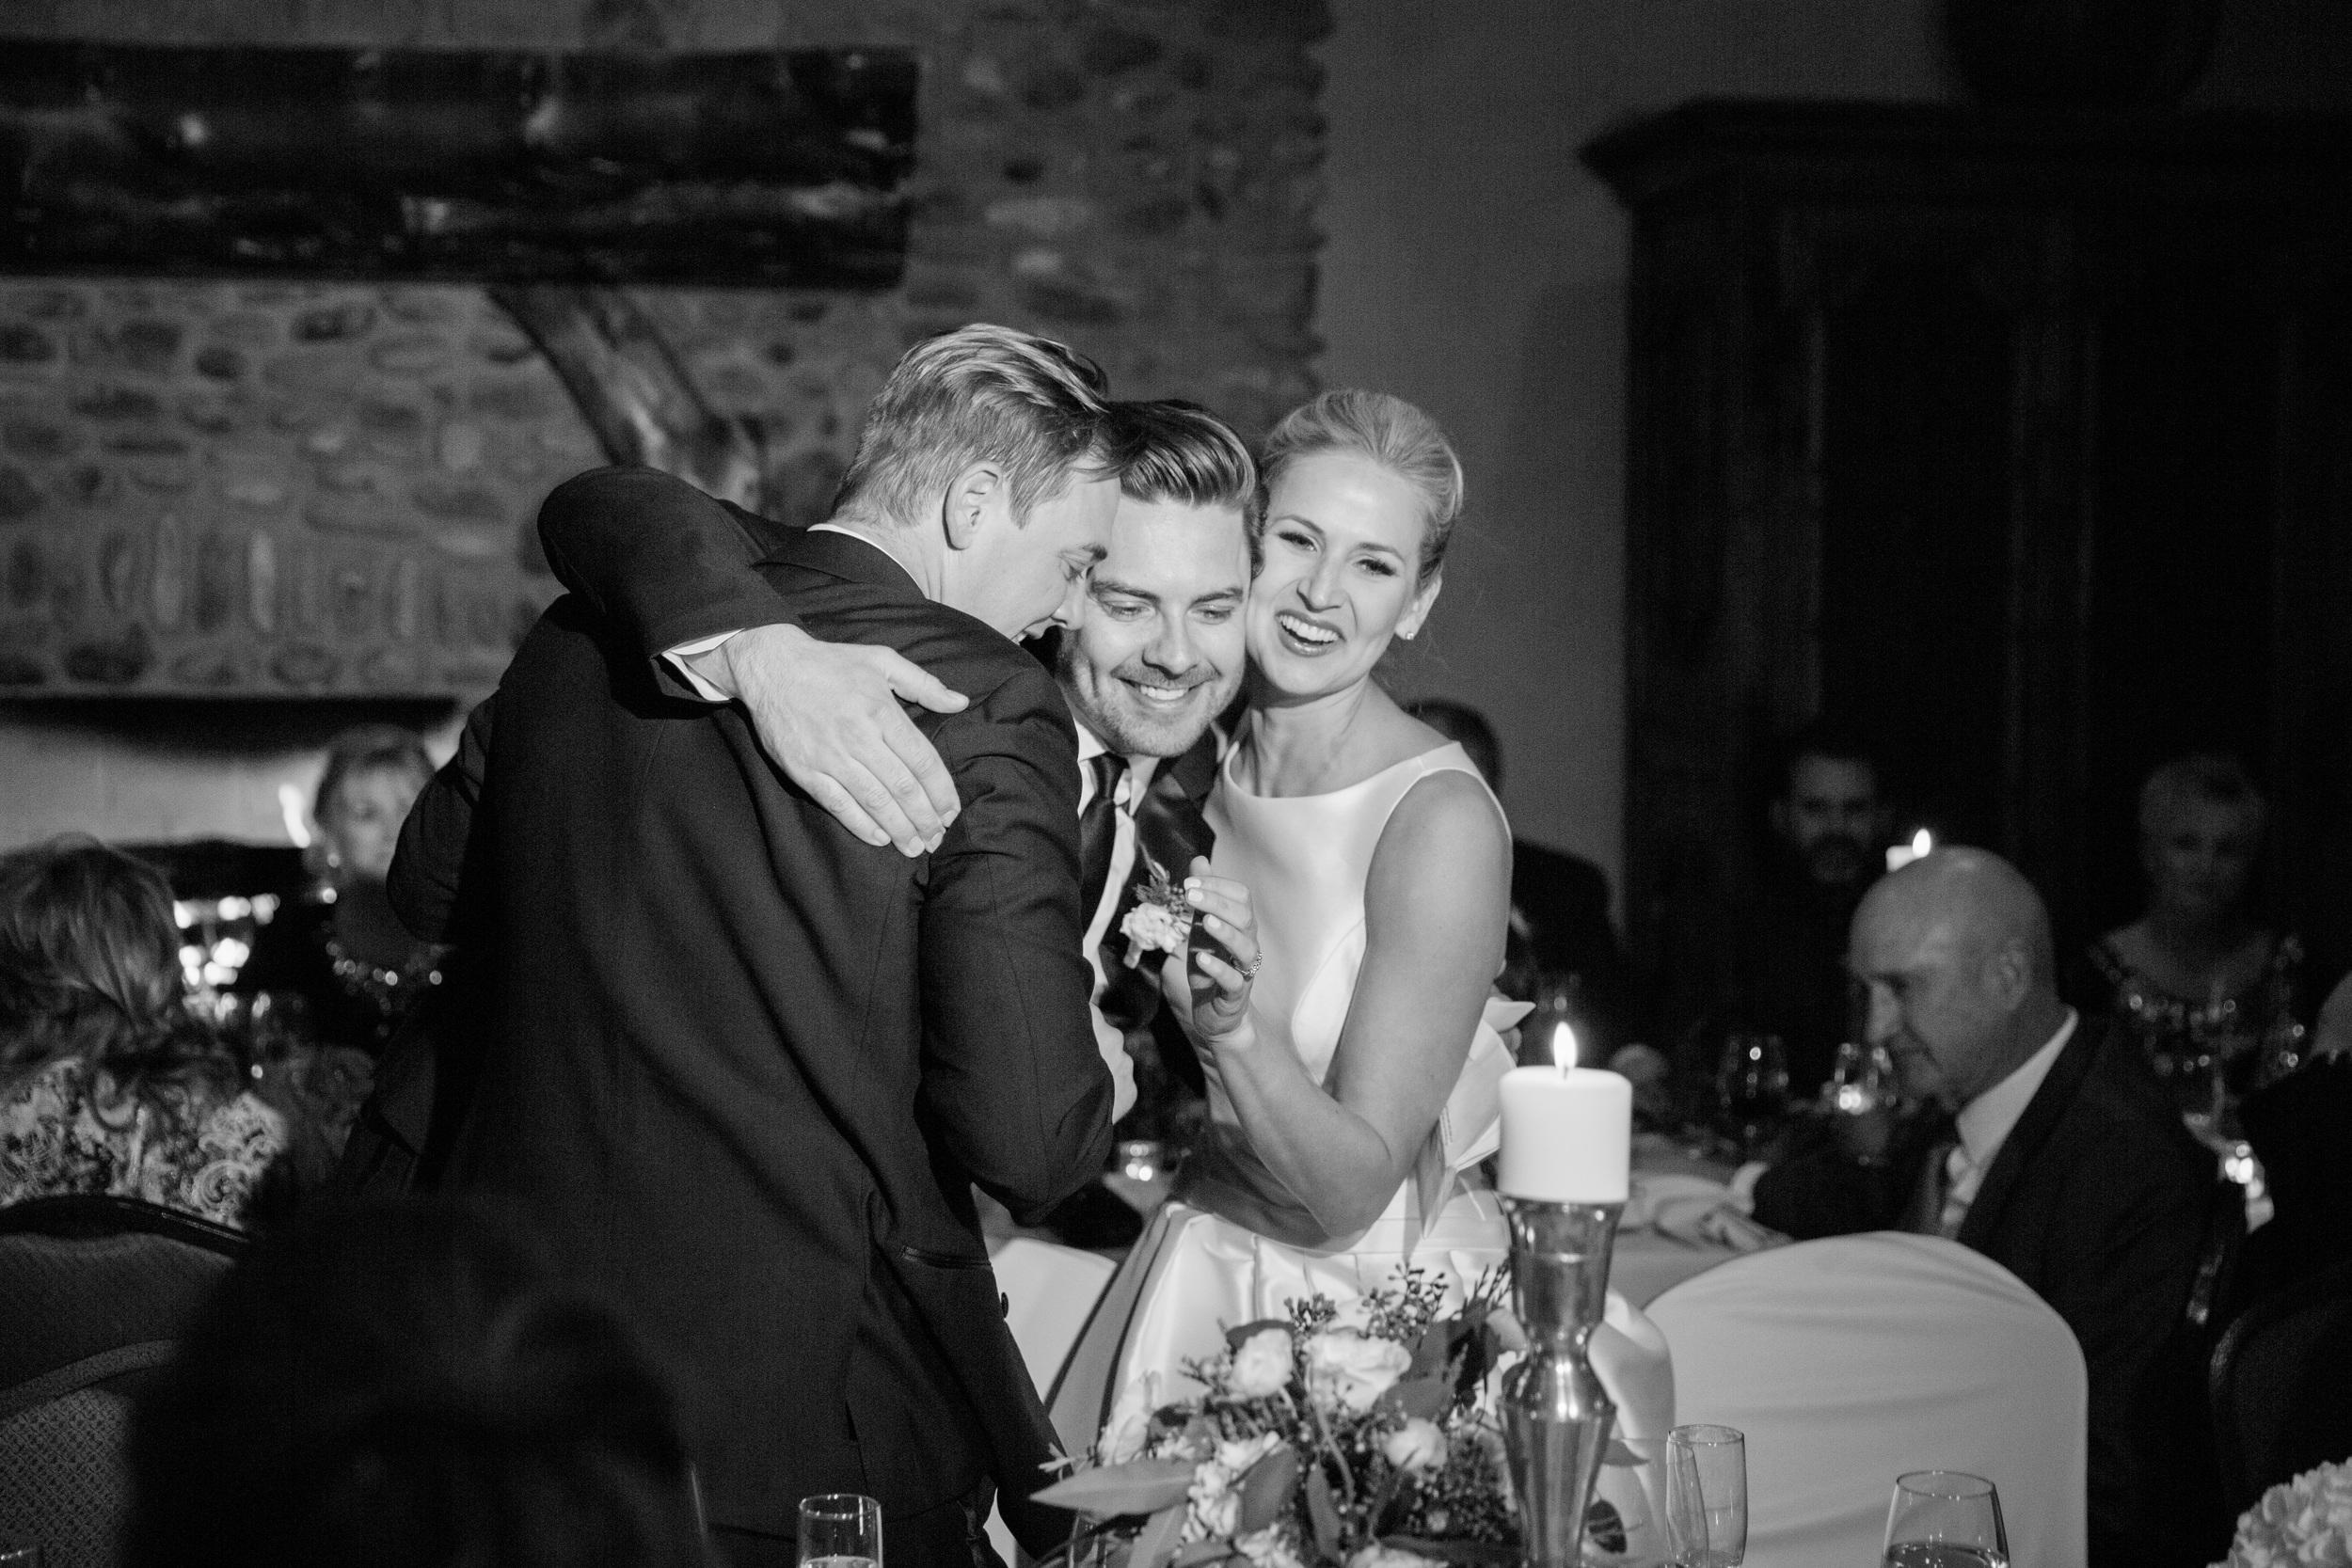 Best man hugging bride and groom